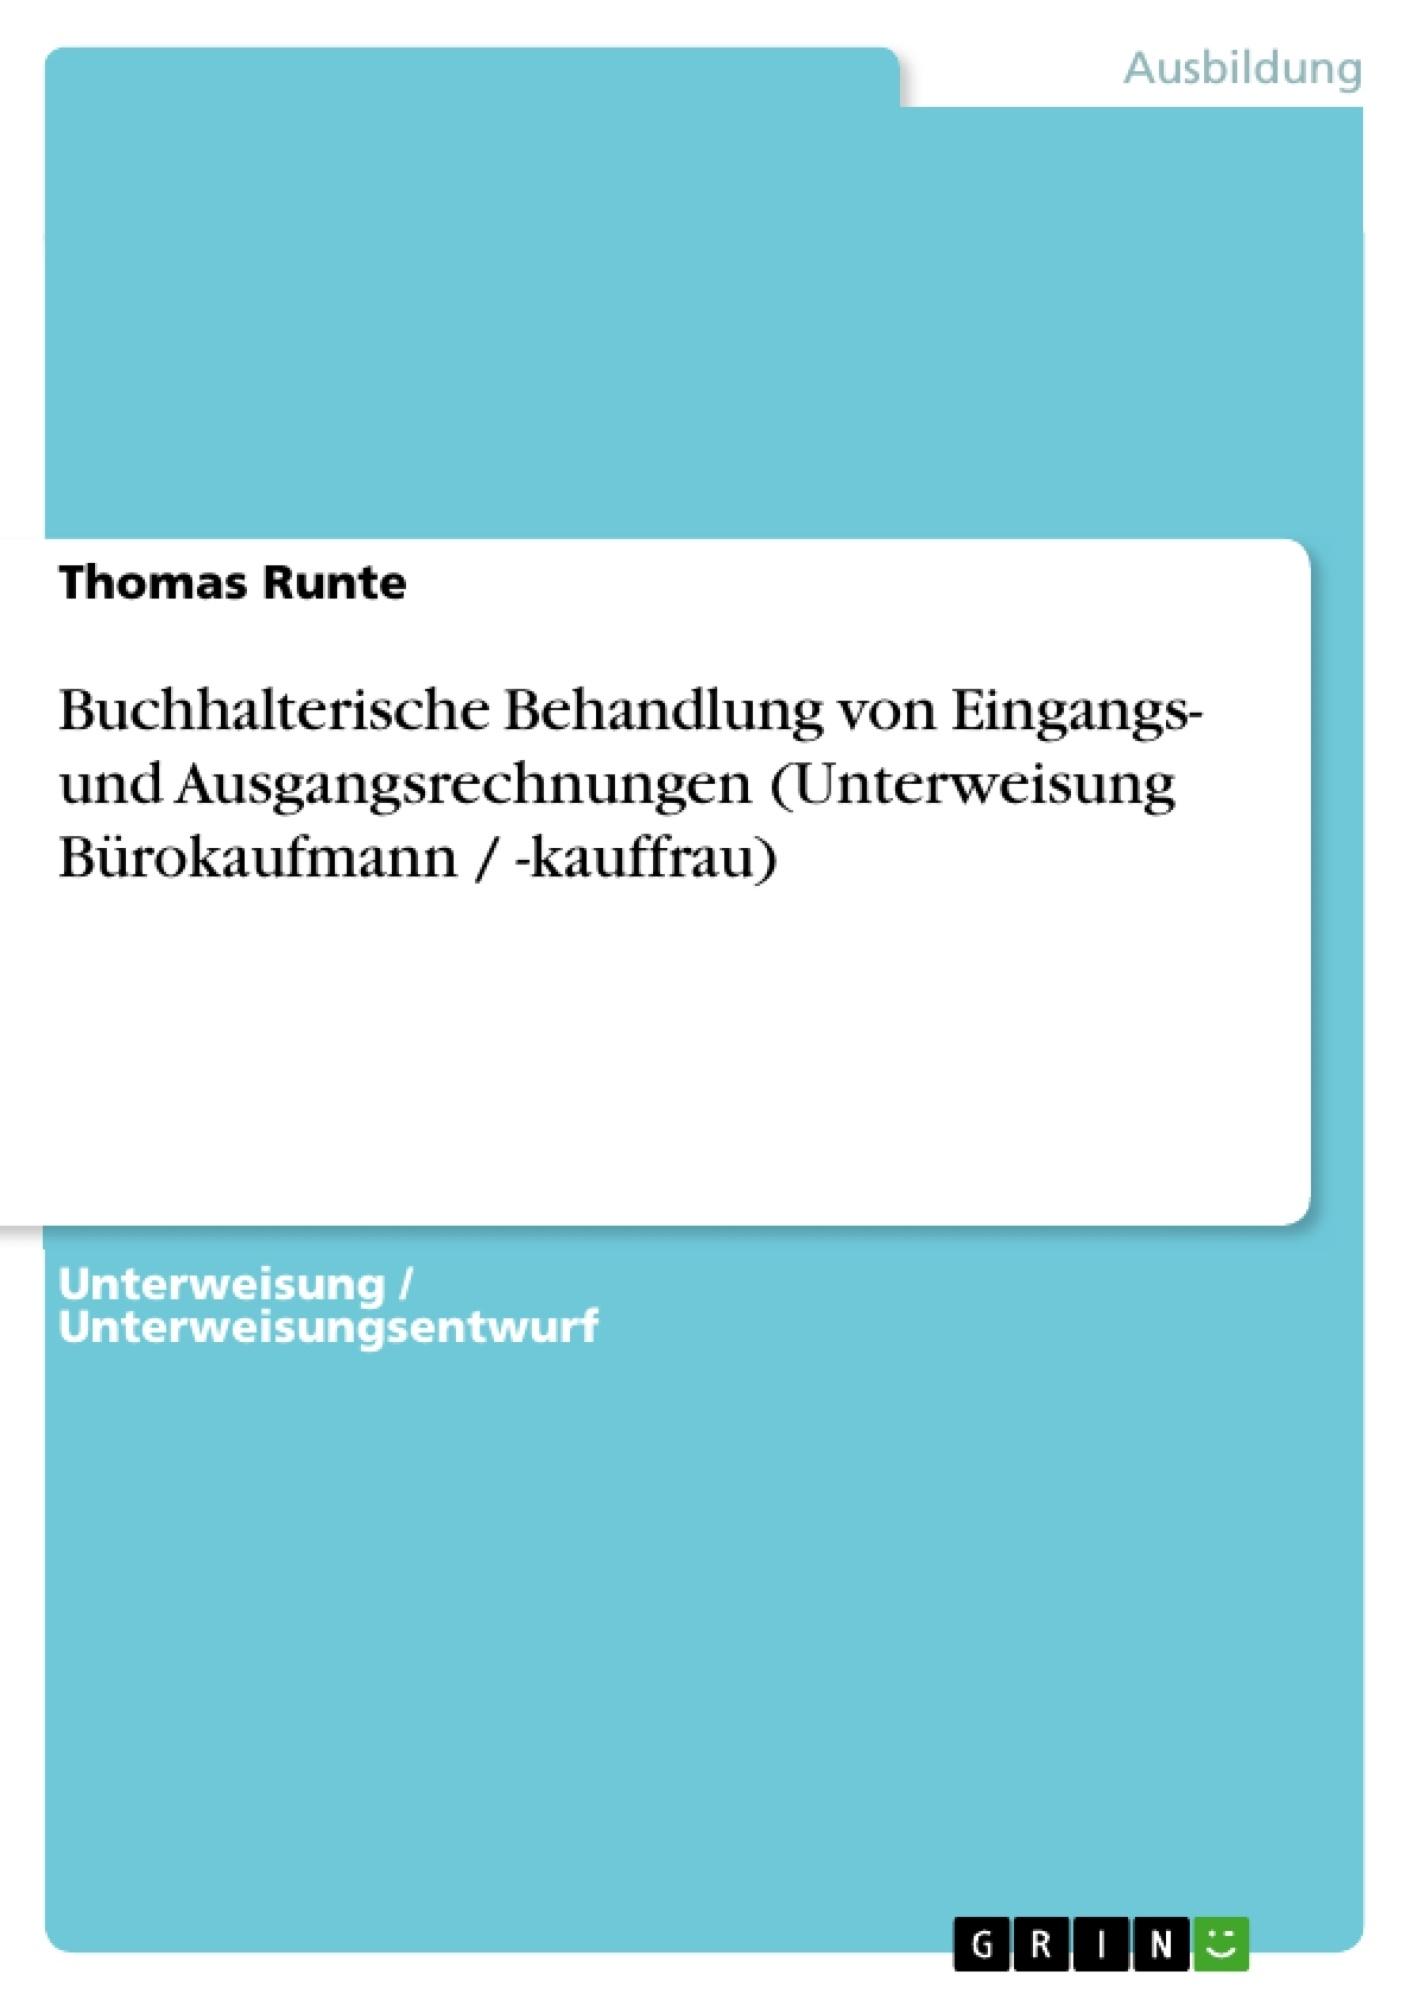 Titel: Buchhalterische Behandlung von Eingangs- und Ausgangsrechnungen (Unterweisung Bürokaufmann / -kauffrau)